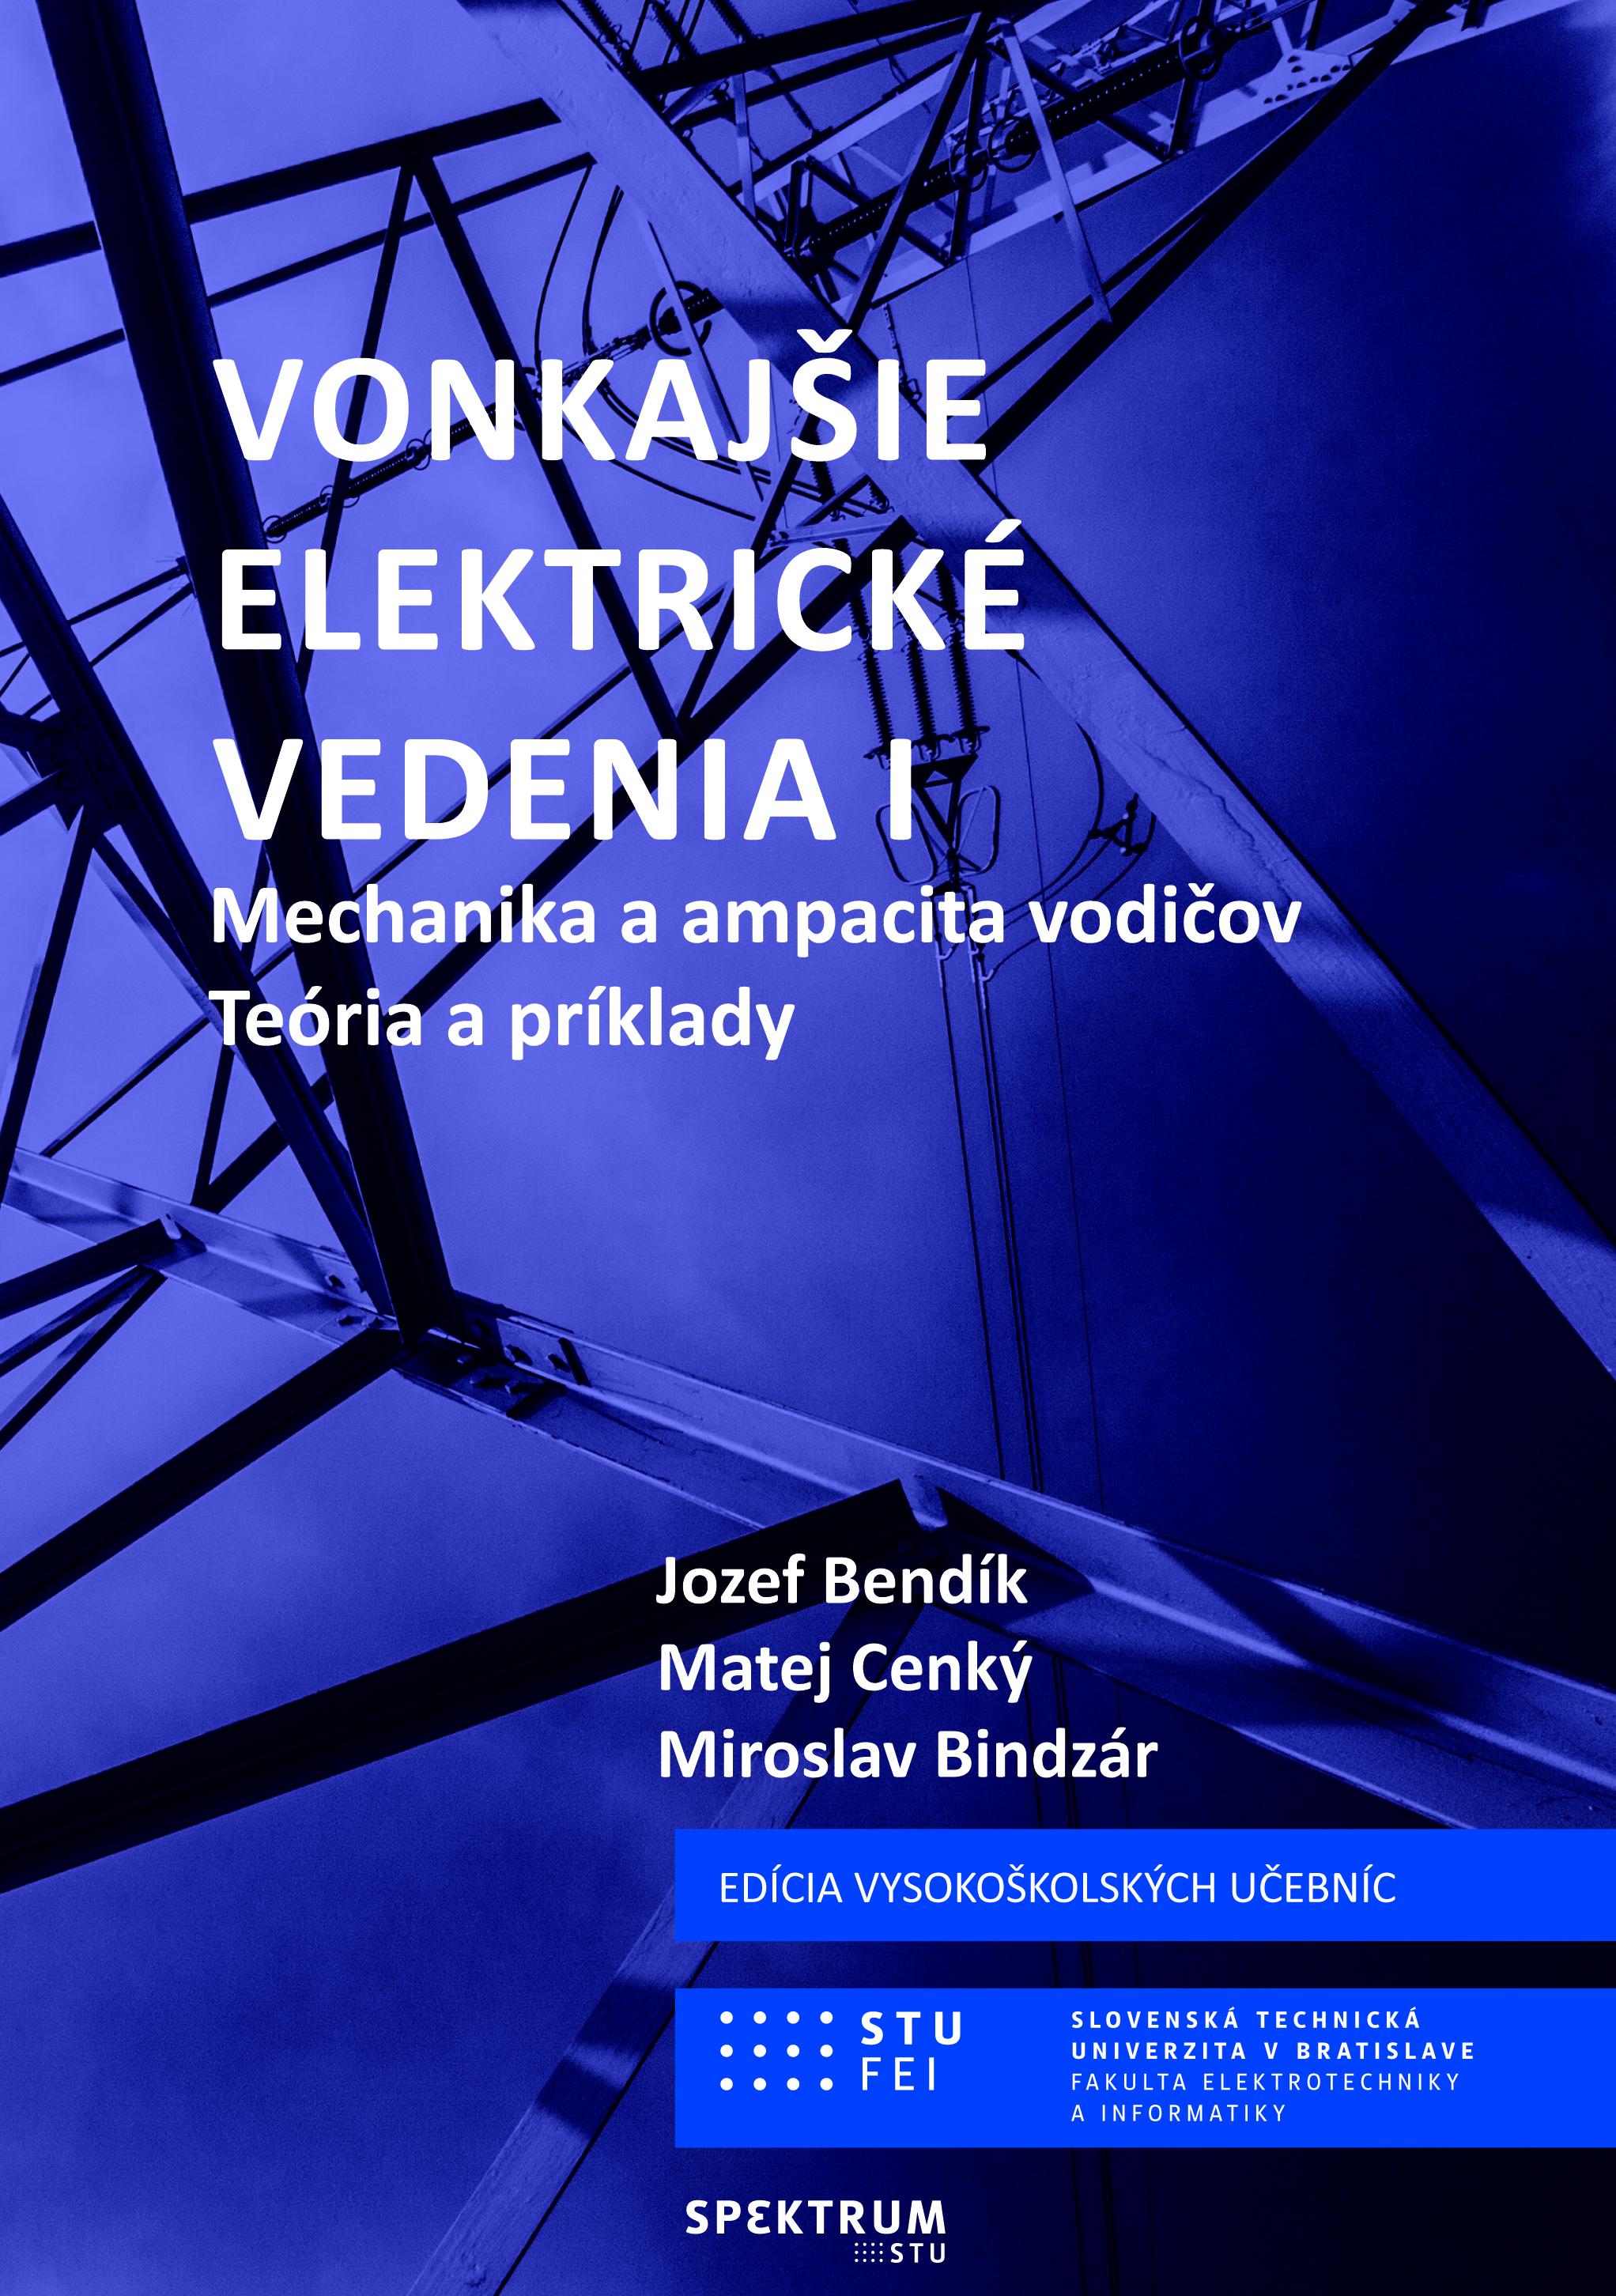 Vonkajšie elektrické vedenia l, Mechanika a ampacita vodičov, teória a príklady 1